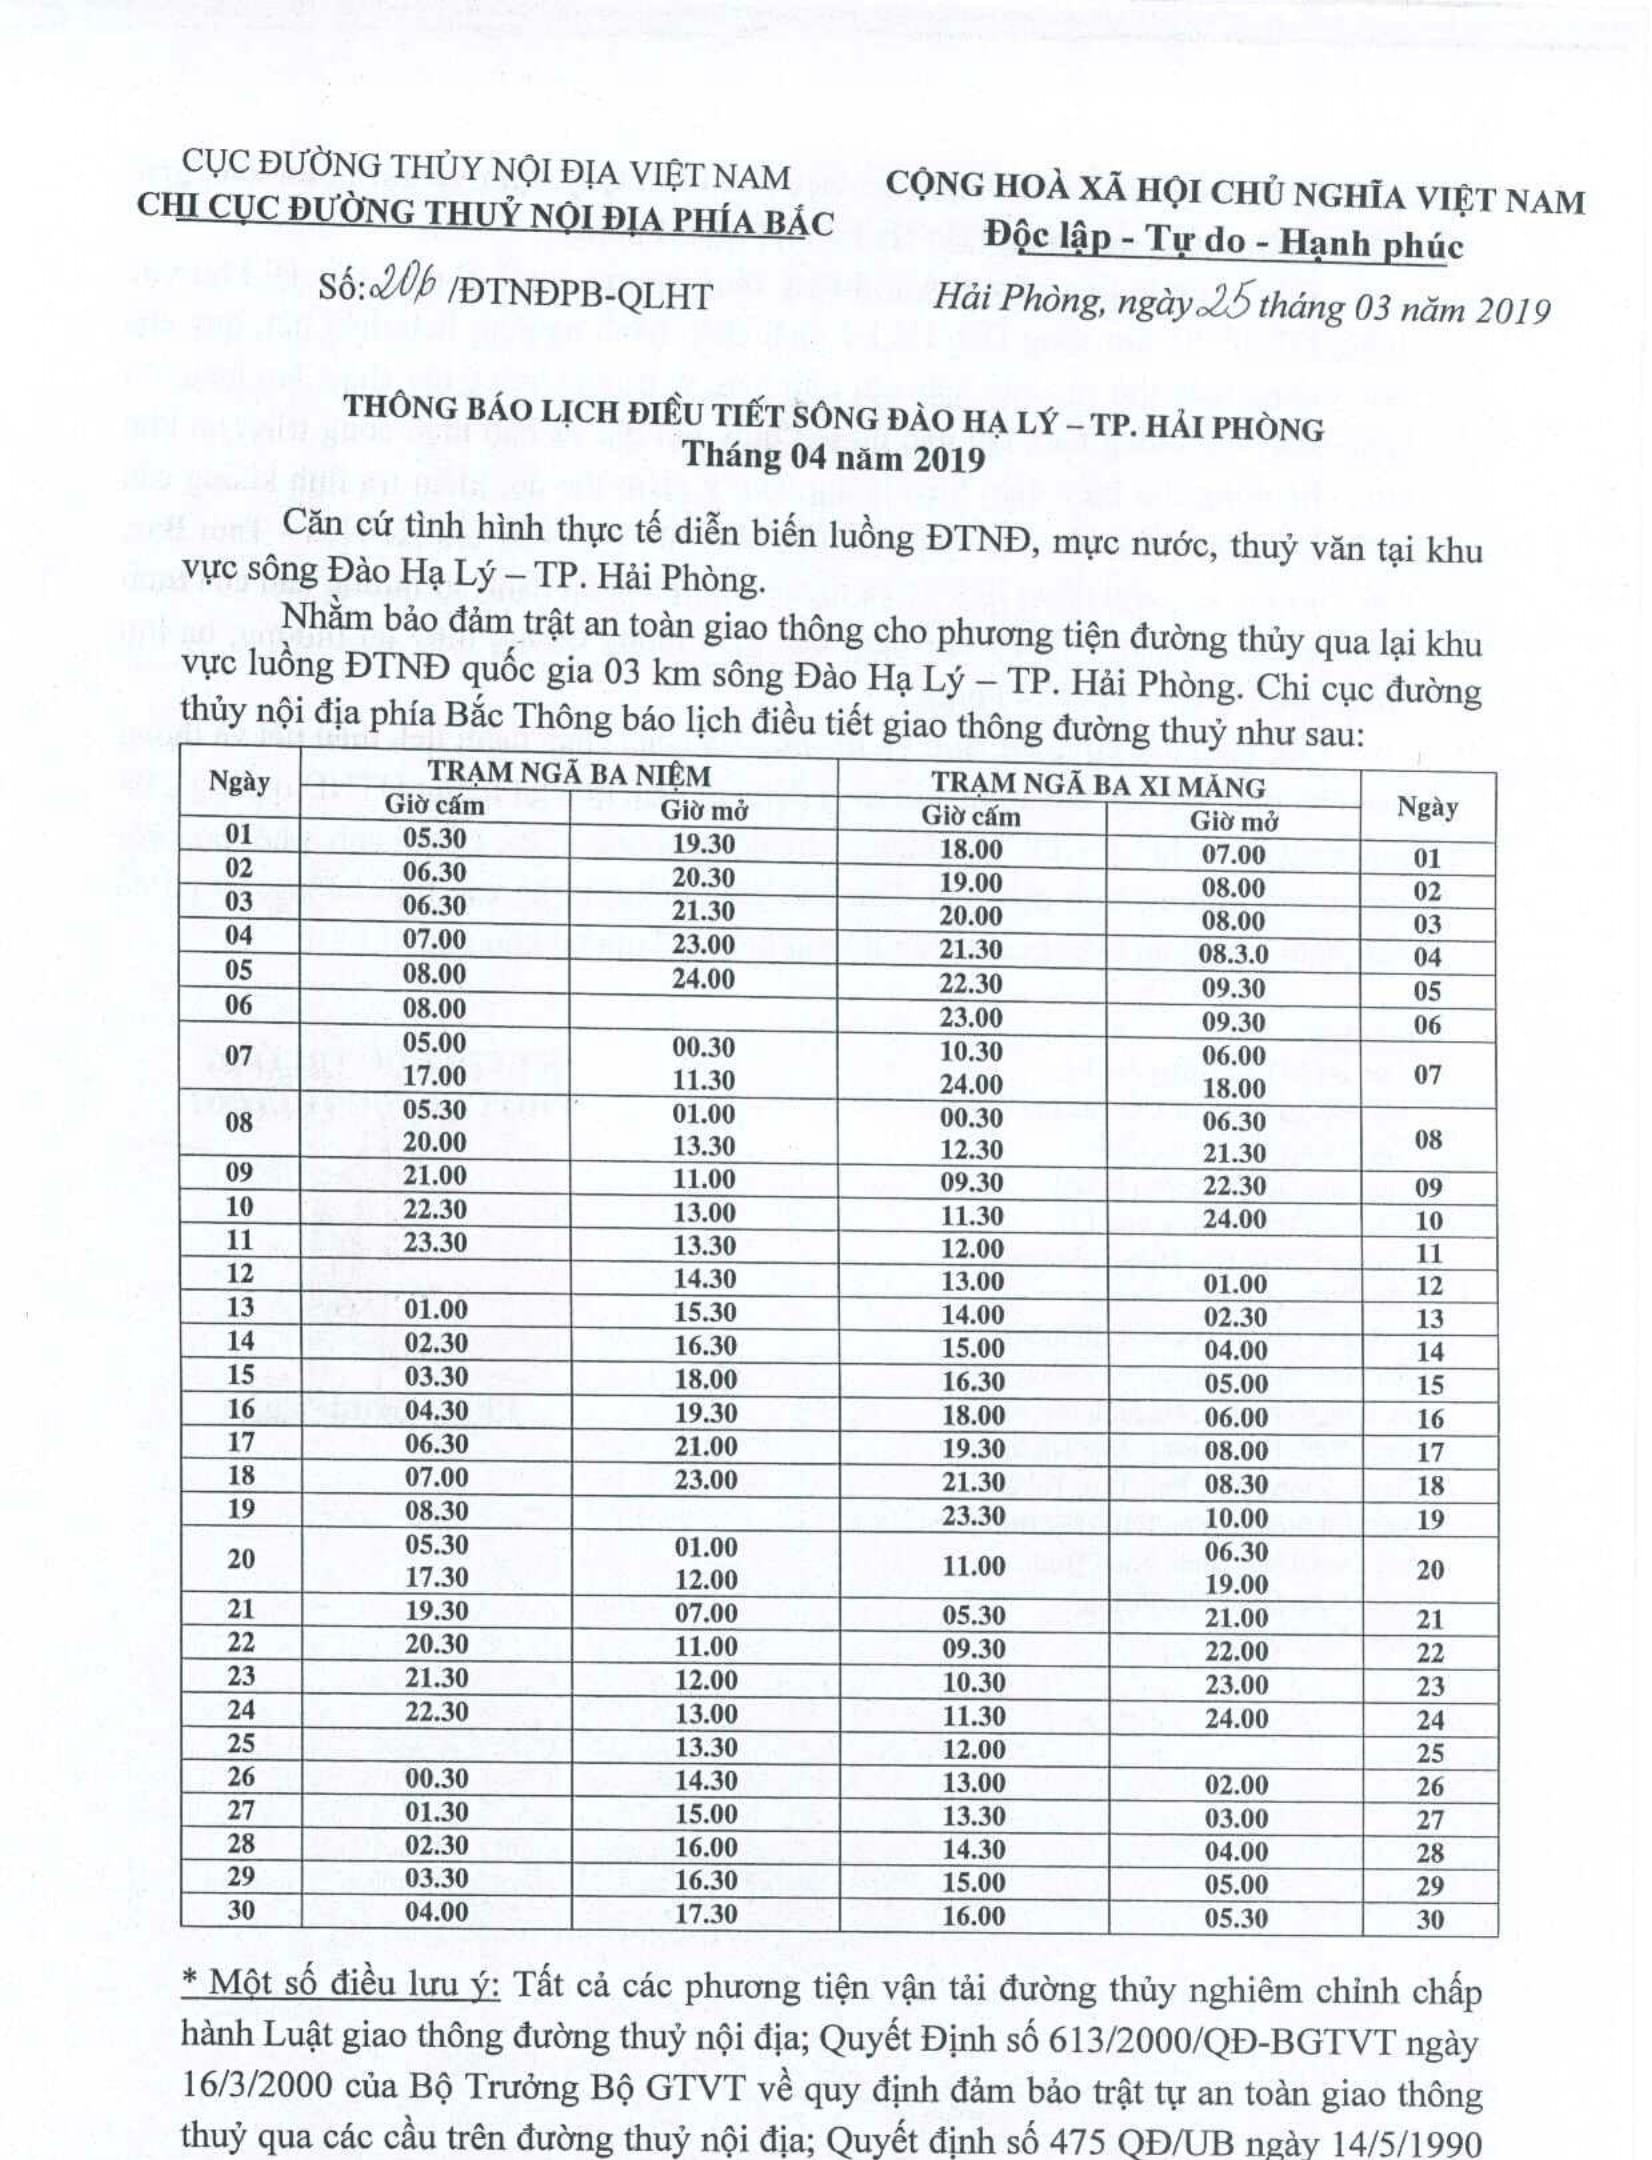 Thông báo lịch điều tiết sông Đào Hạ Lý - TP Hải Phòng tháng 04/2019